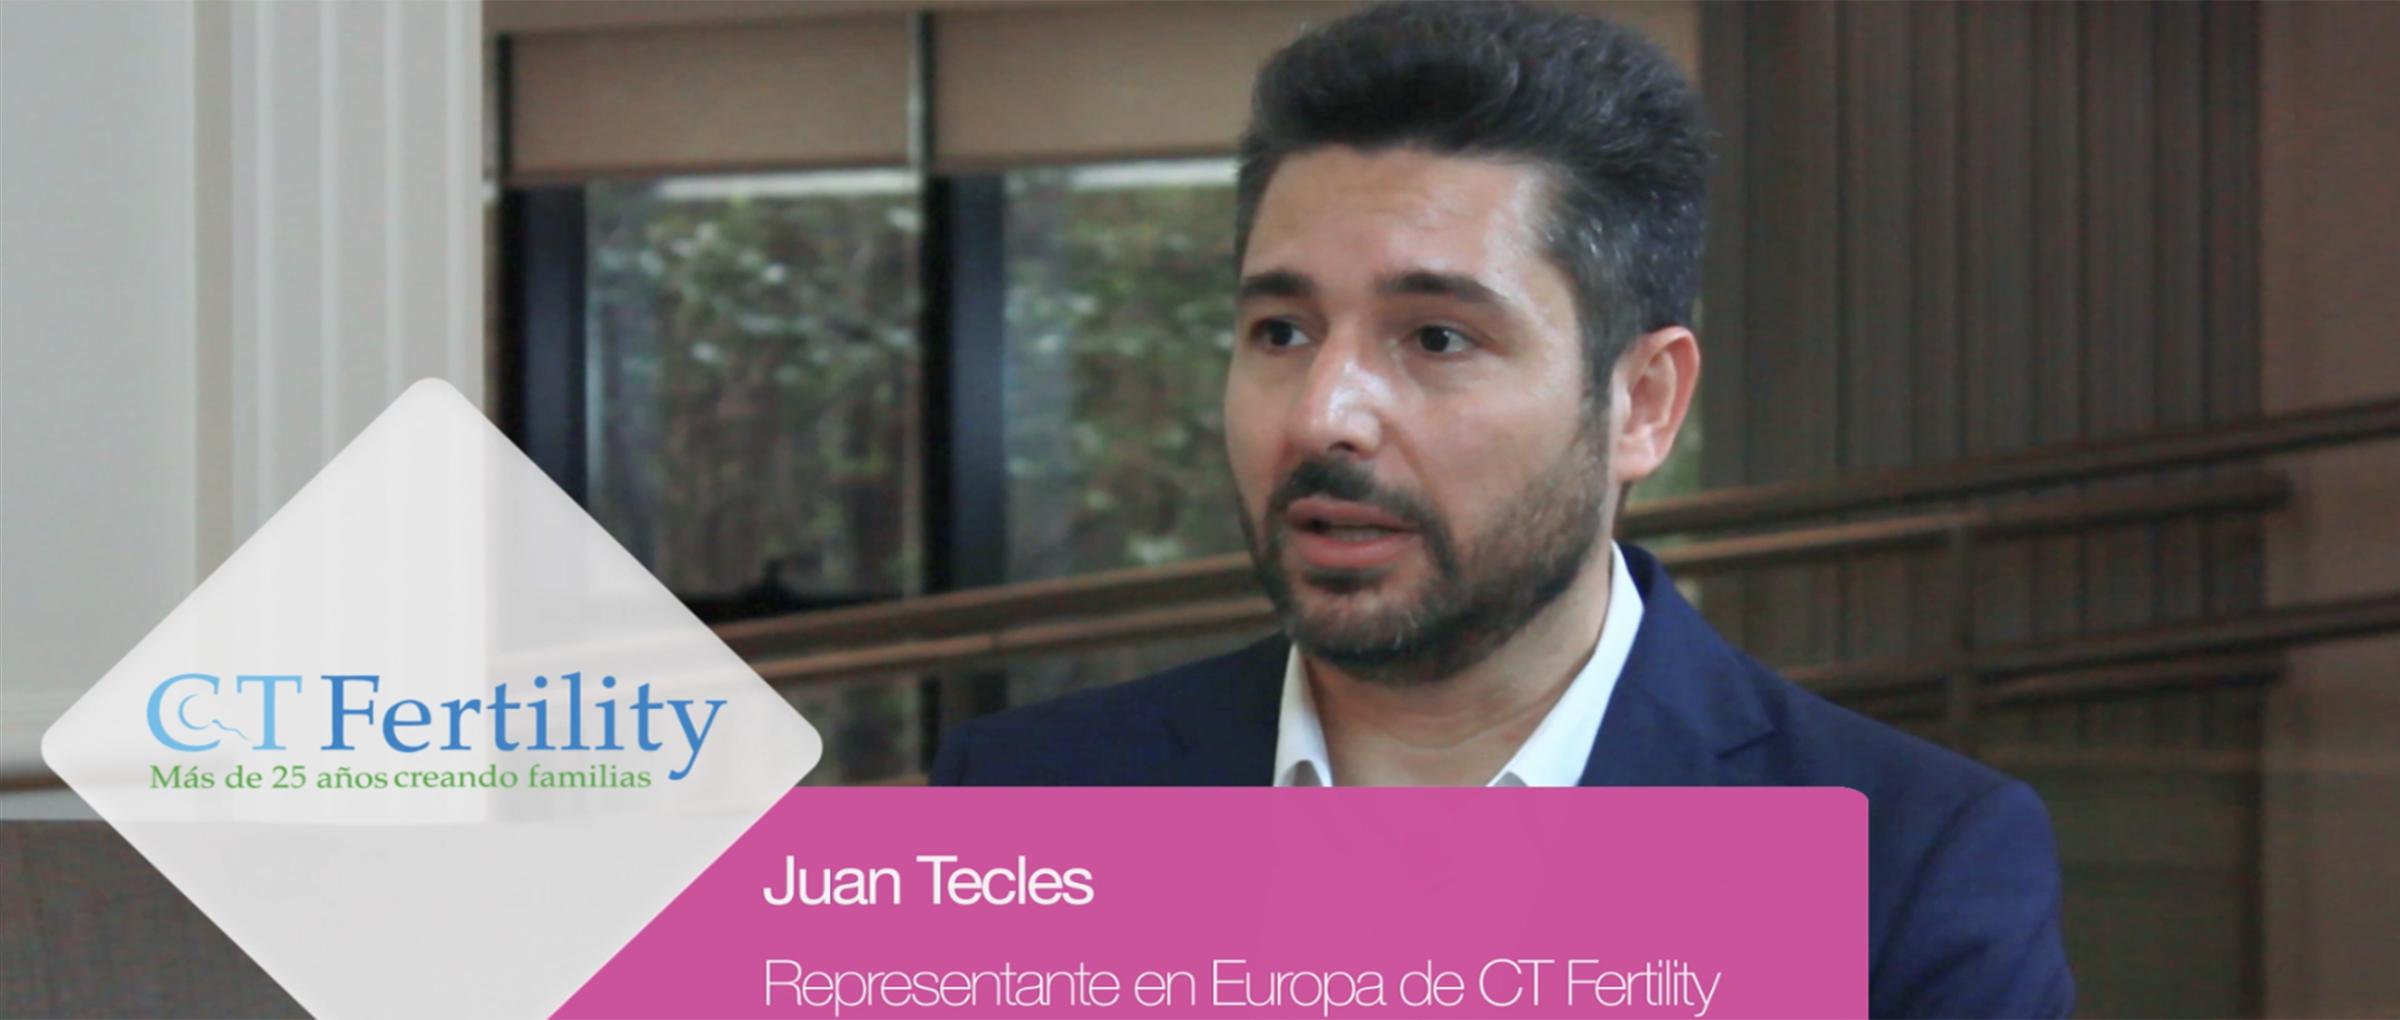 Representante en Europa de CT Fertility